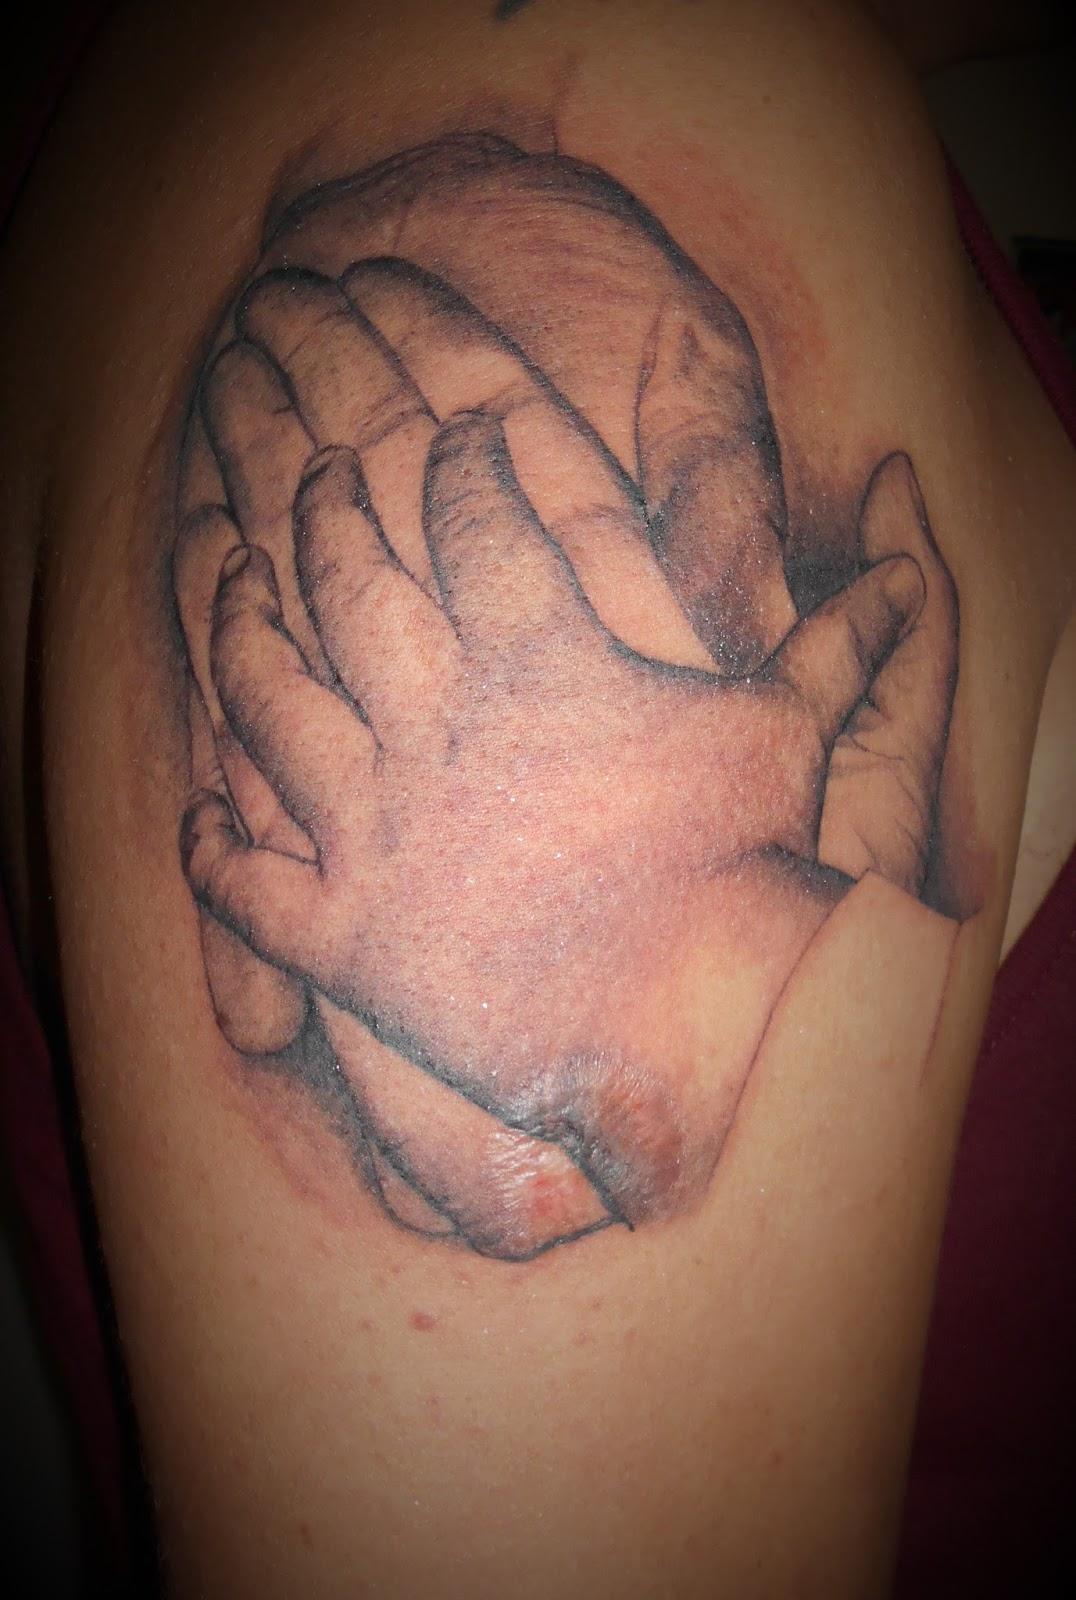 Tatuajes Lfa Tatuaje Manos Familia